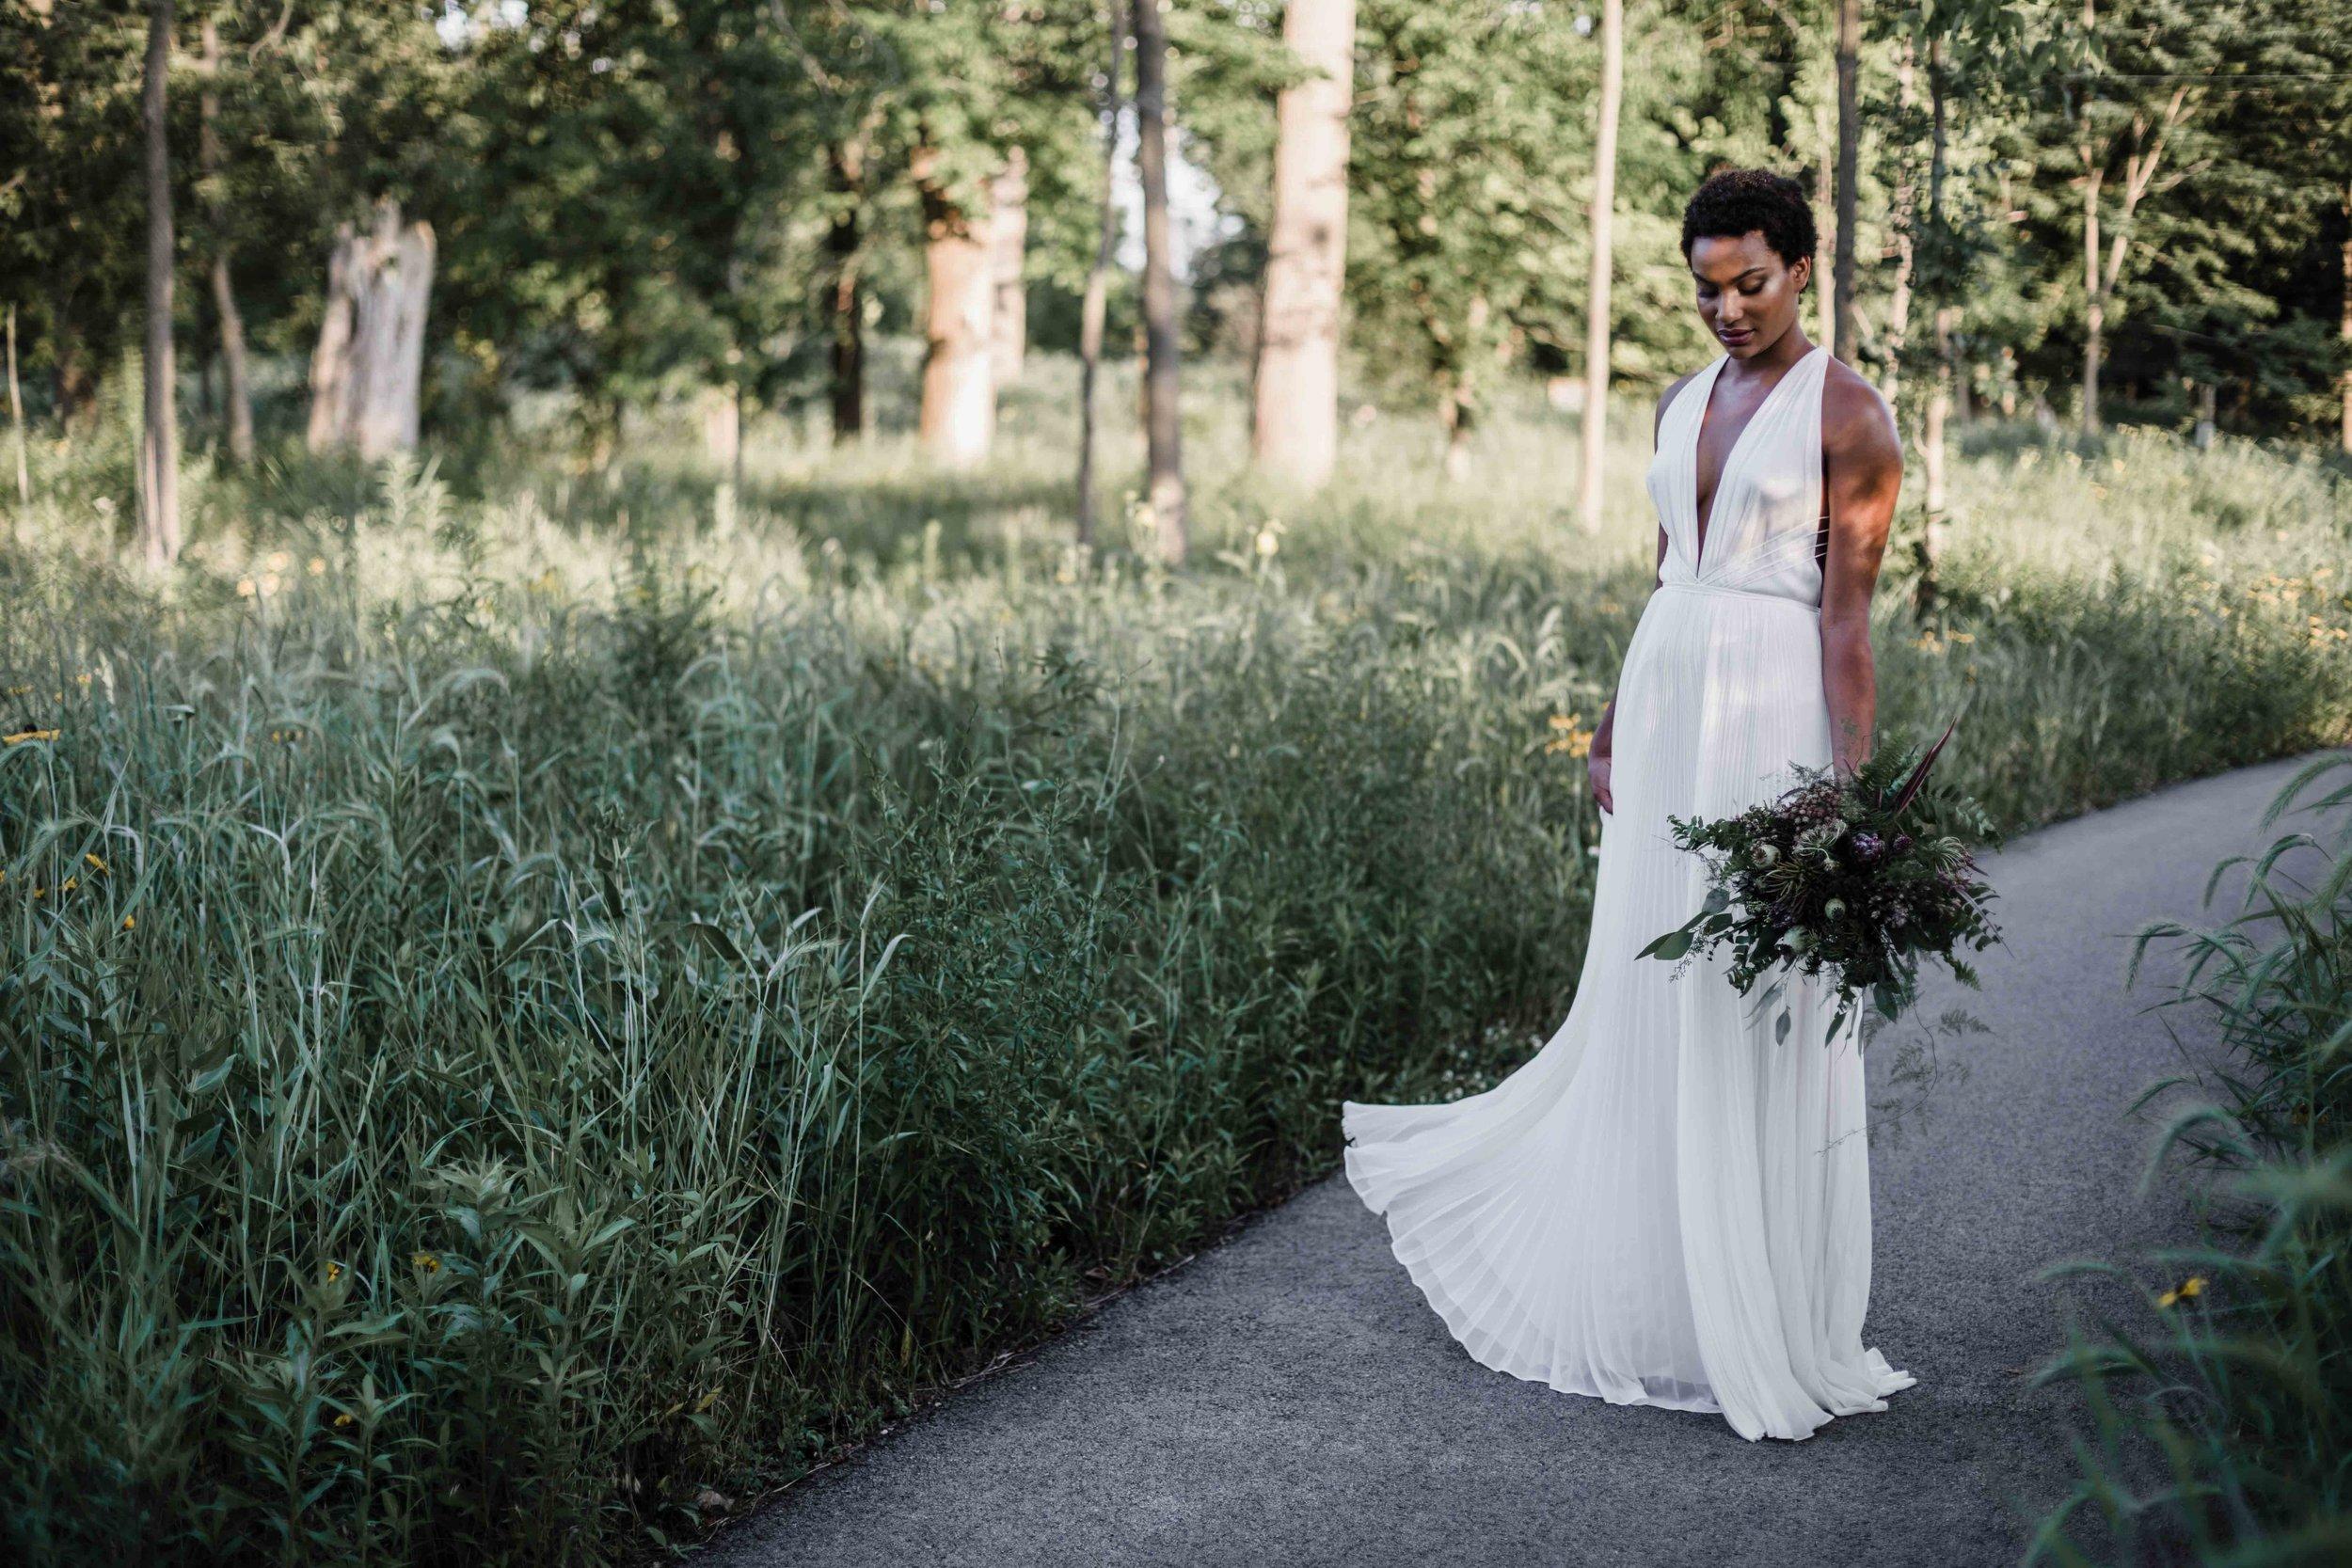 Marguerite Gardens in Chicago creates bridal bouquet